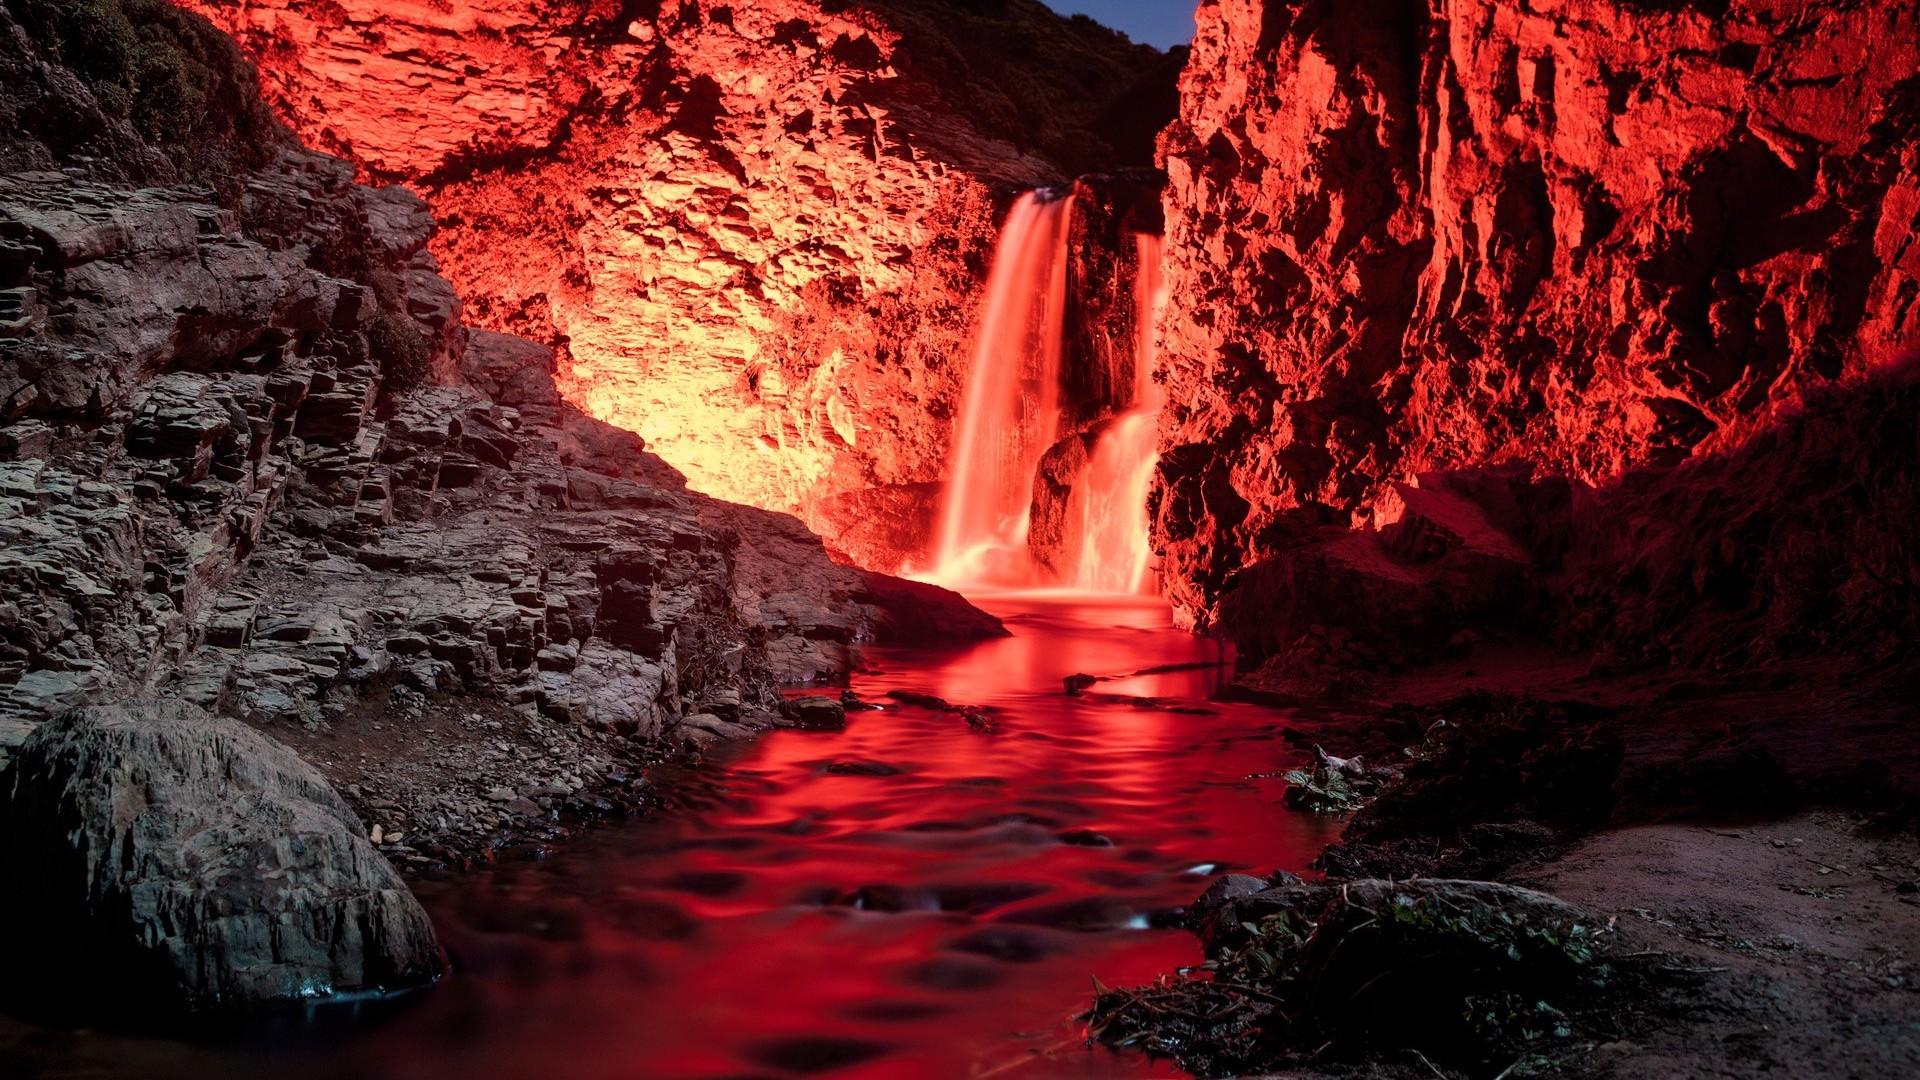 Hình ảnh thác nước đỏ